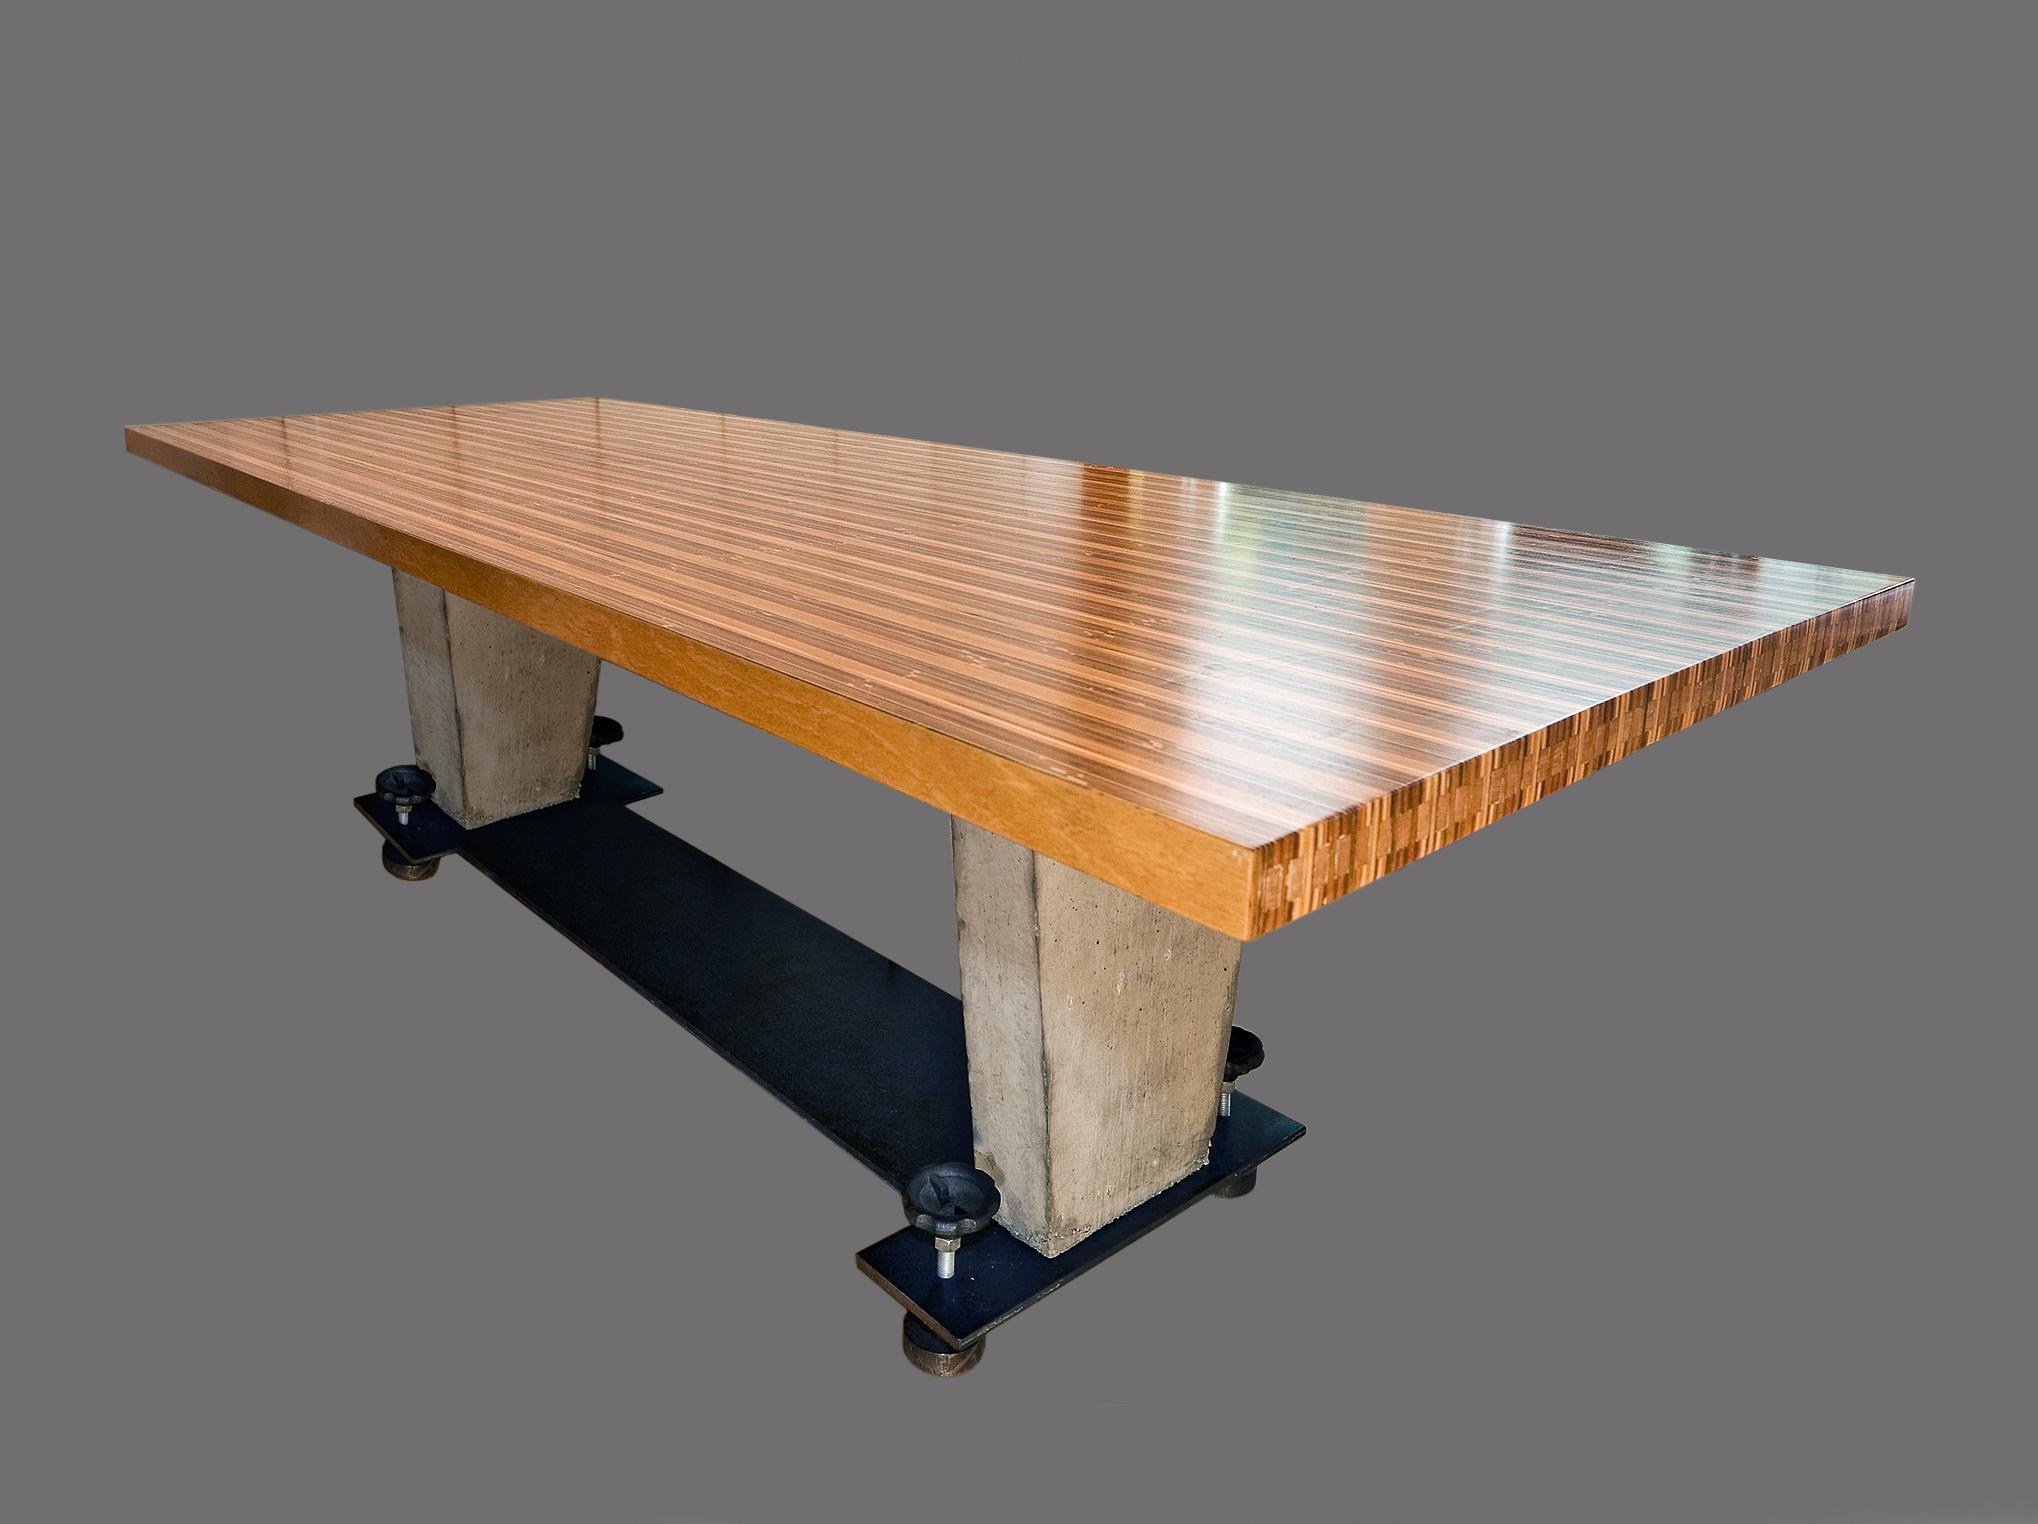 f24u0737-table2.jpg